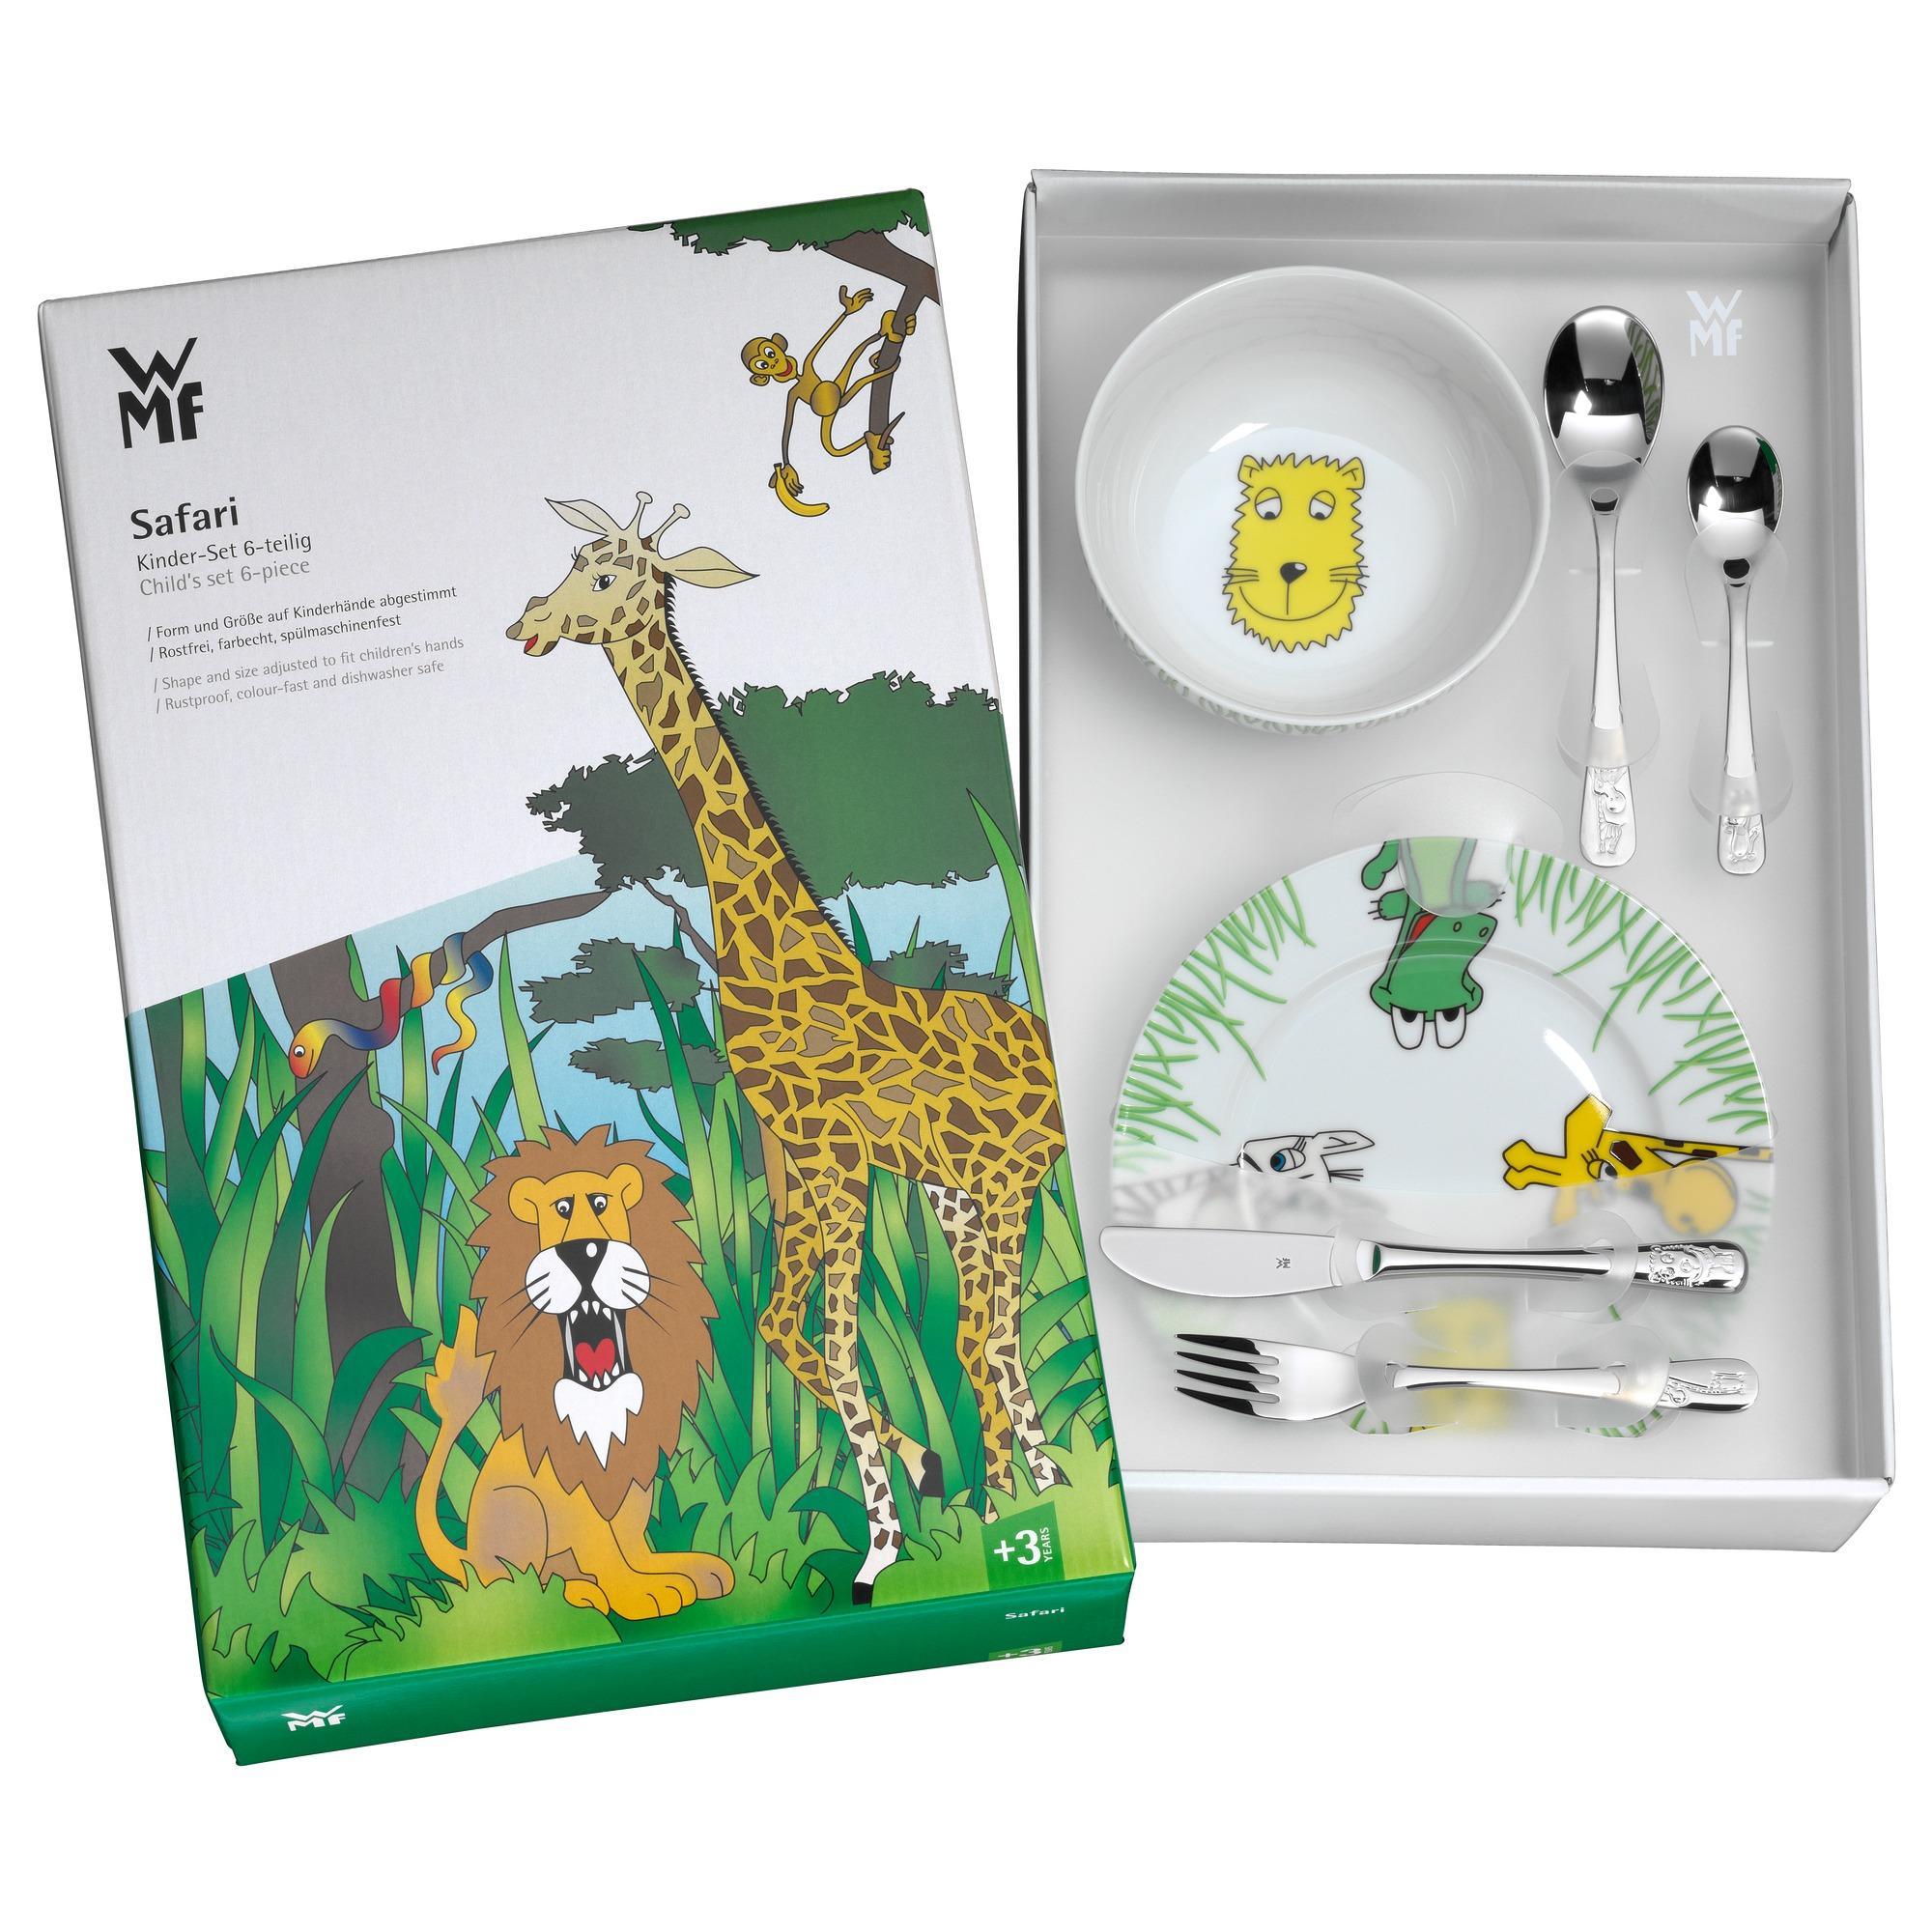 WMF Safari Kindergeschirr Kindertasse, Ø 8,5 cm, Porzellan